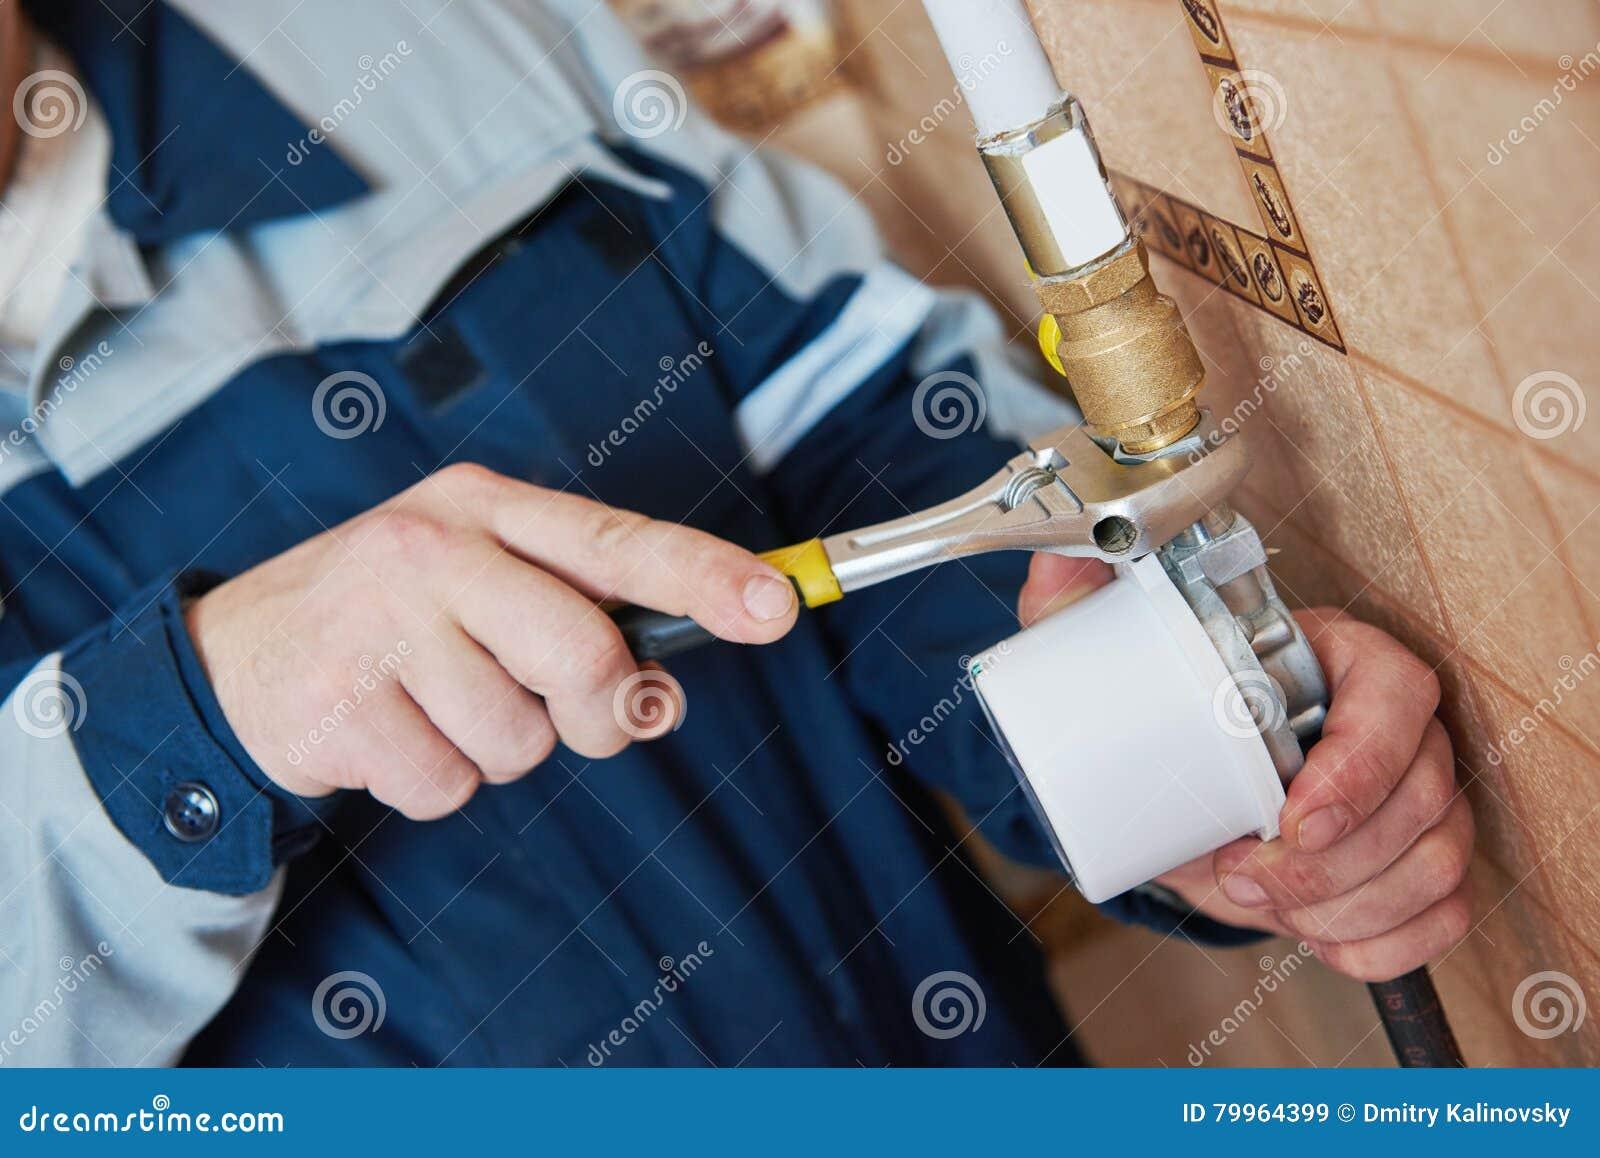 Техник водопроводчика работает с газовым счетчиком